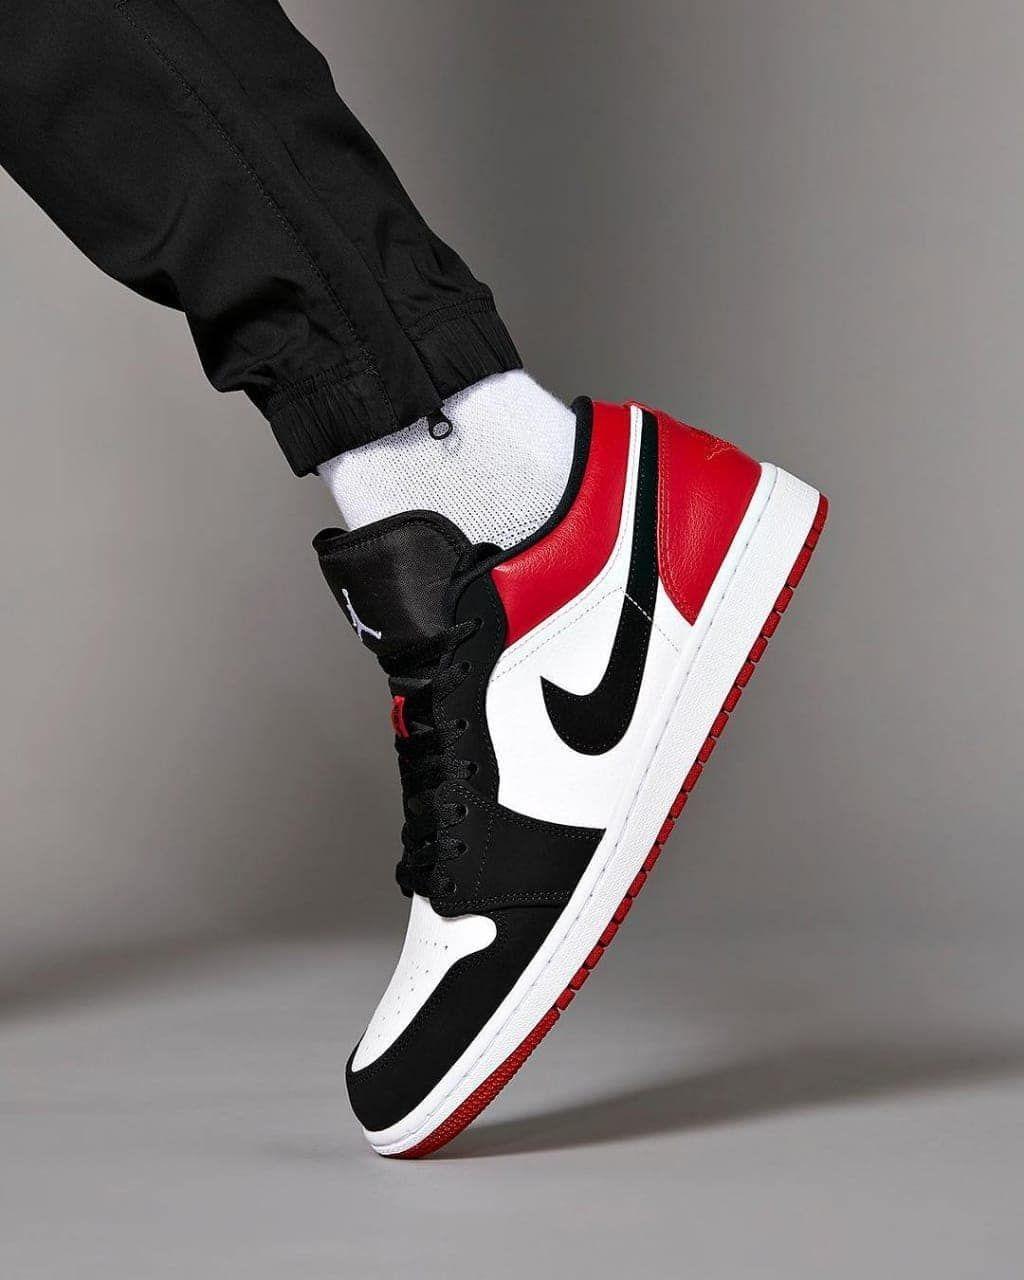 Pin on Kicks.